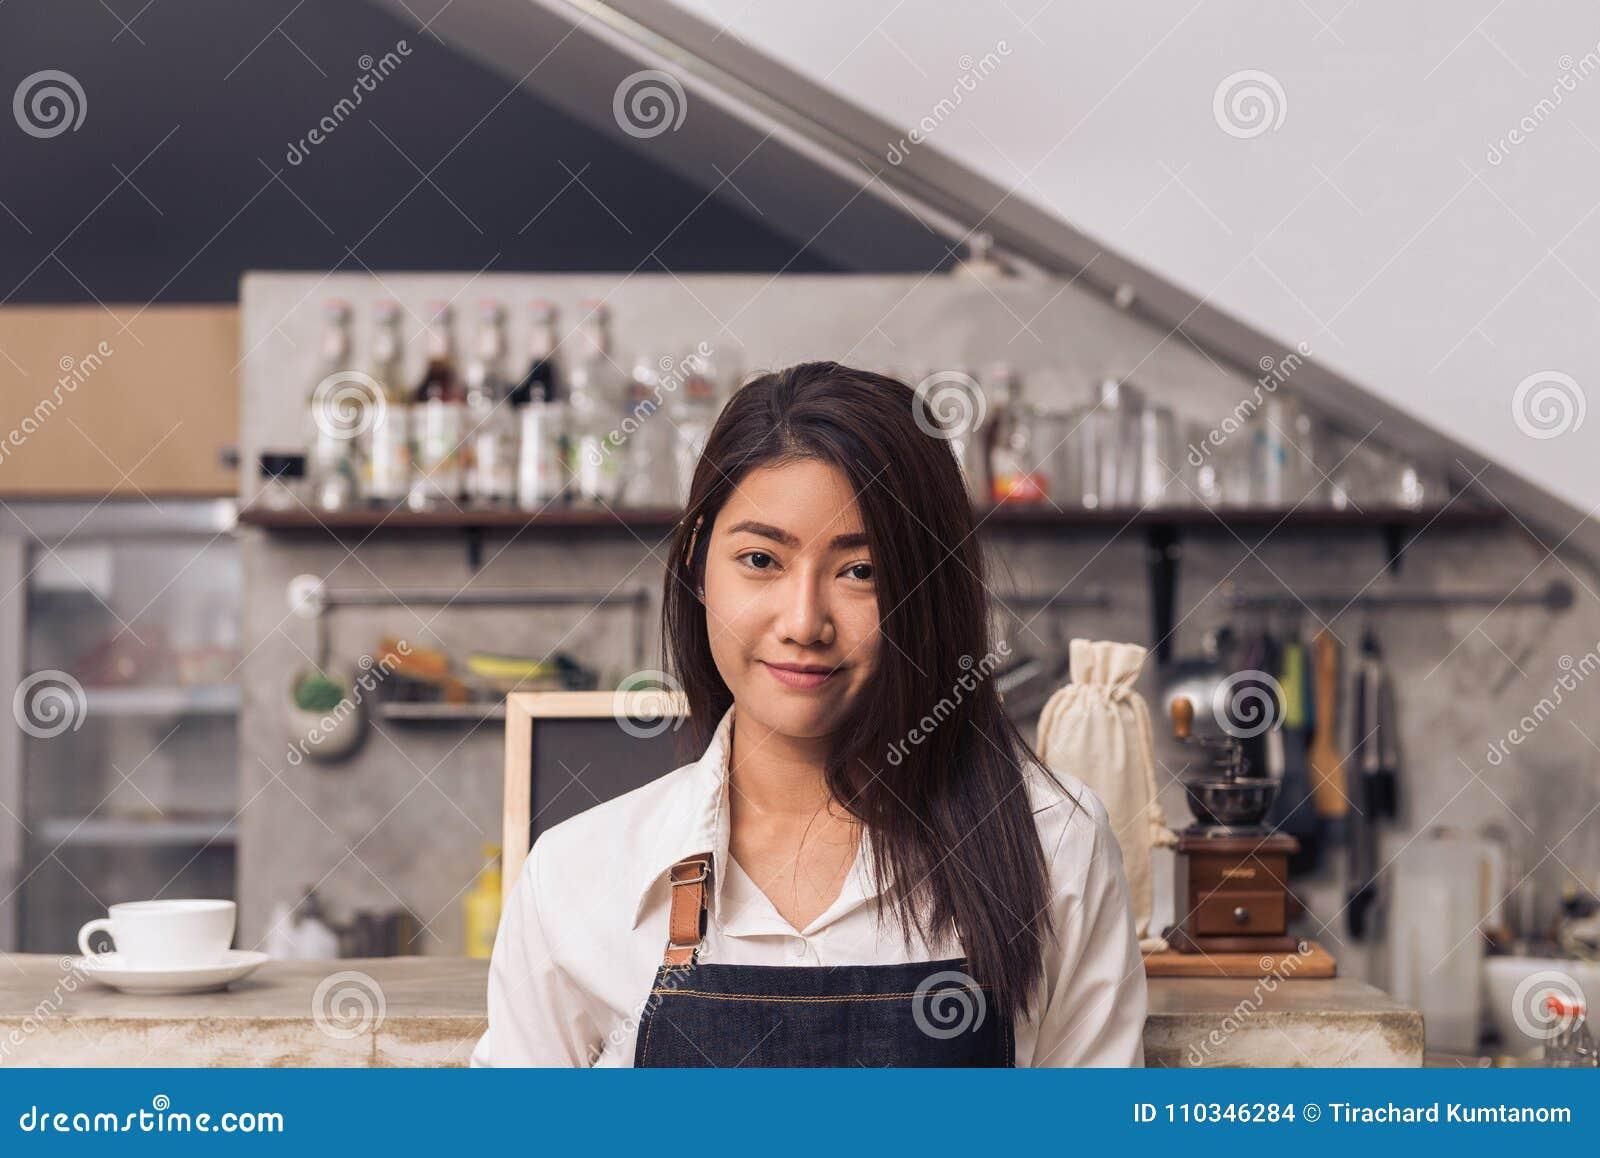 Portret van jonge Aziatische vrouwelijke barista die haar klant in koffiewinkel met een achtergrond van de teller van de drankbar